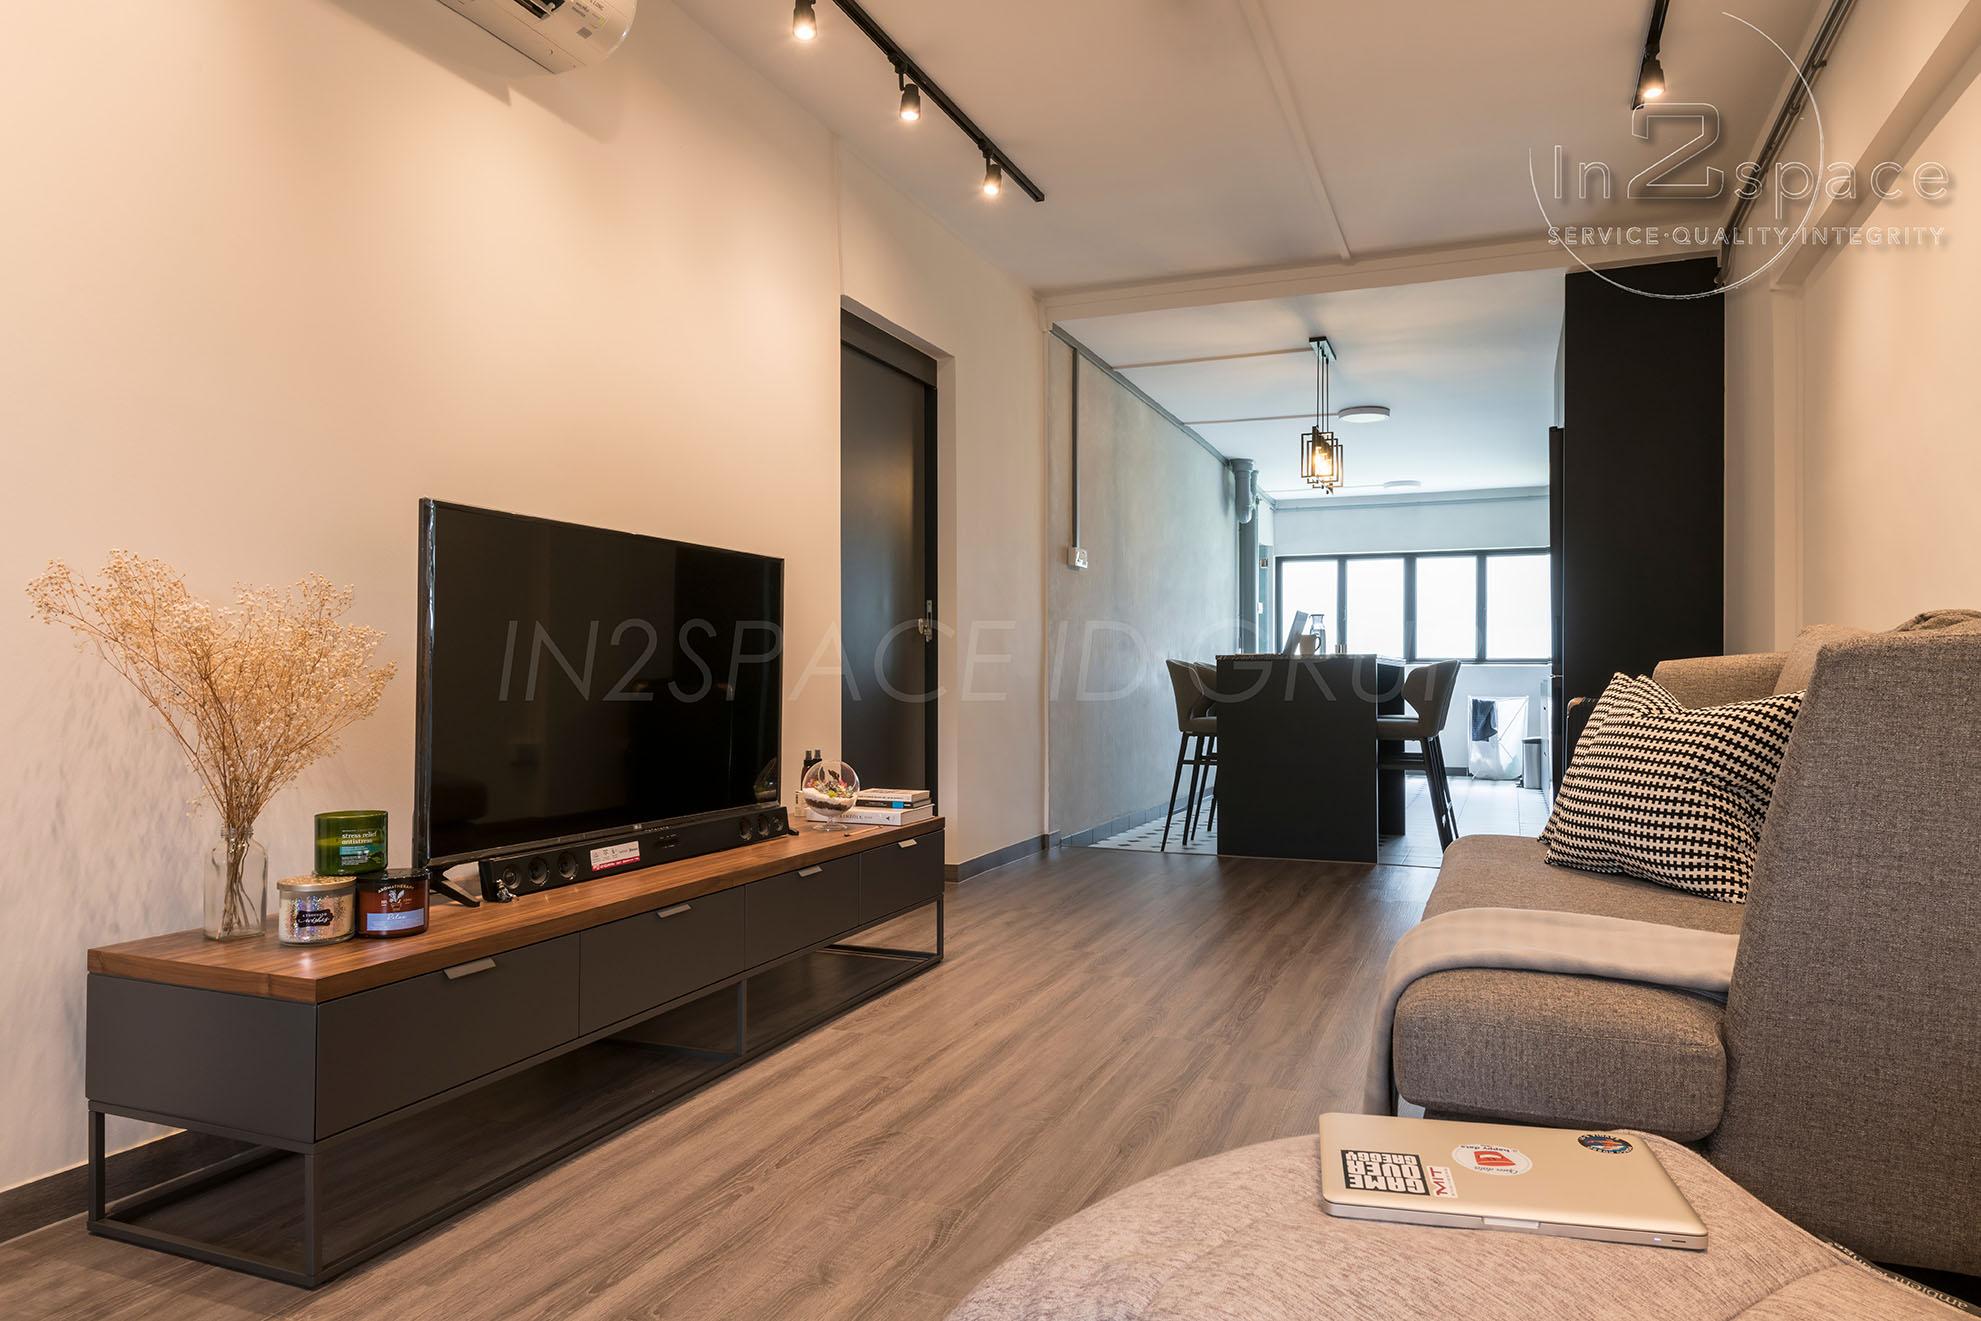 3 Room Flat fdsc_2028 - in2space